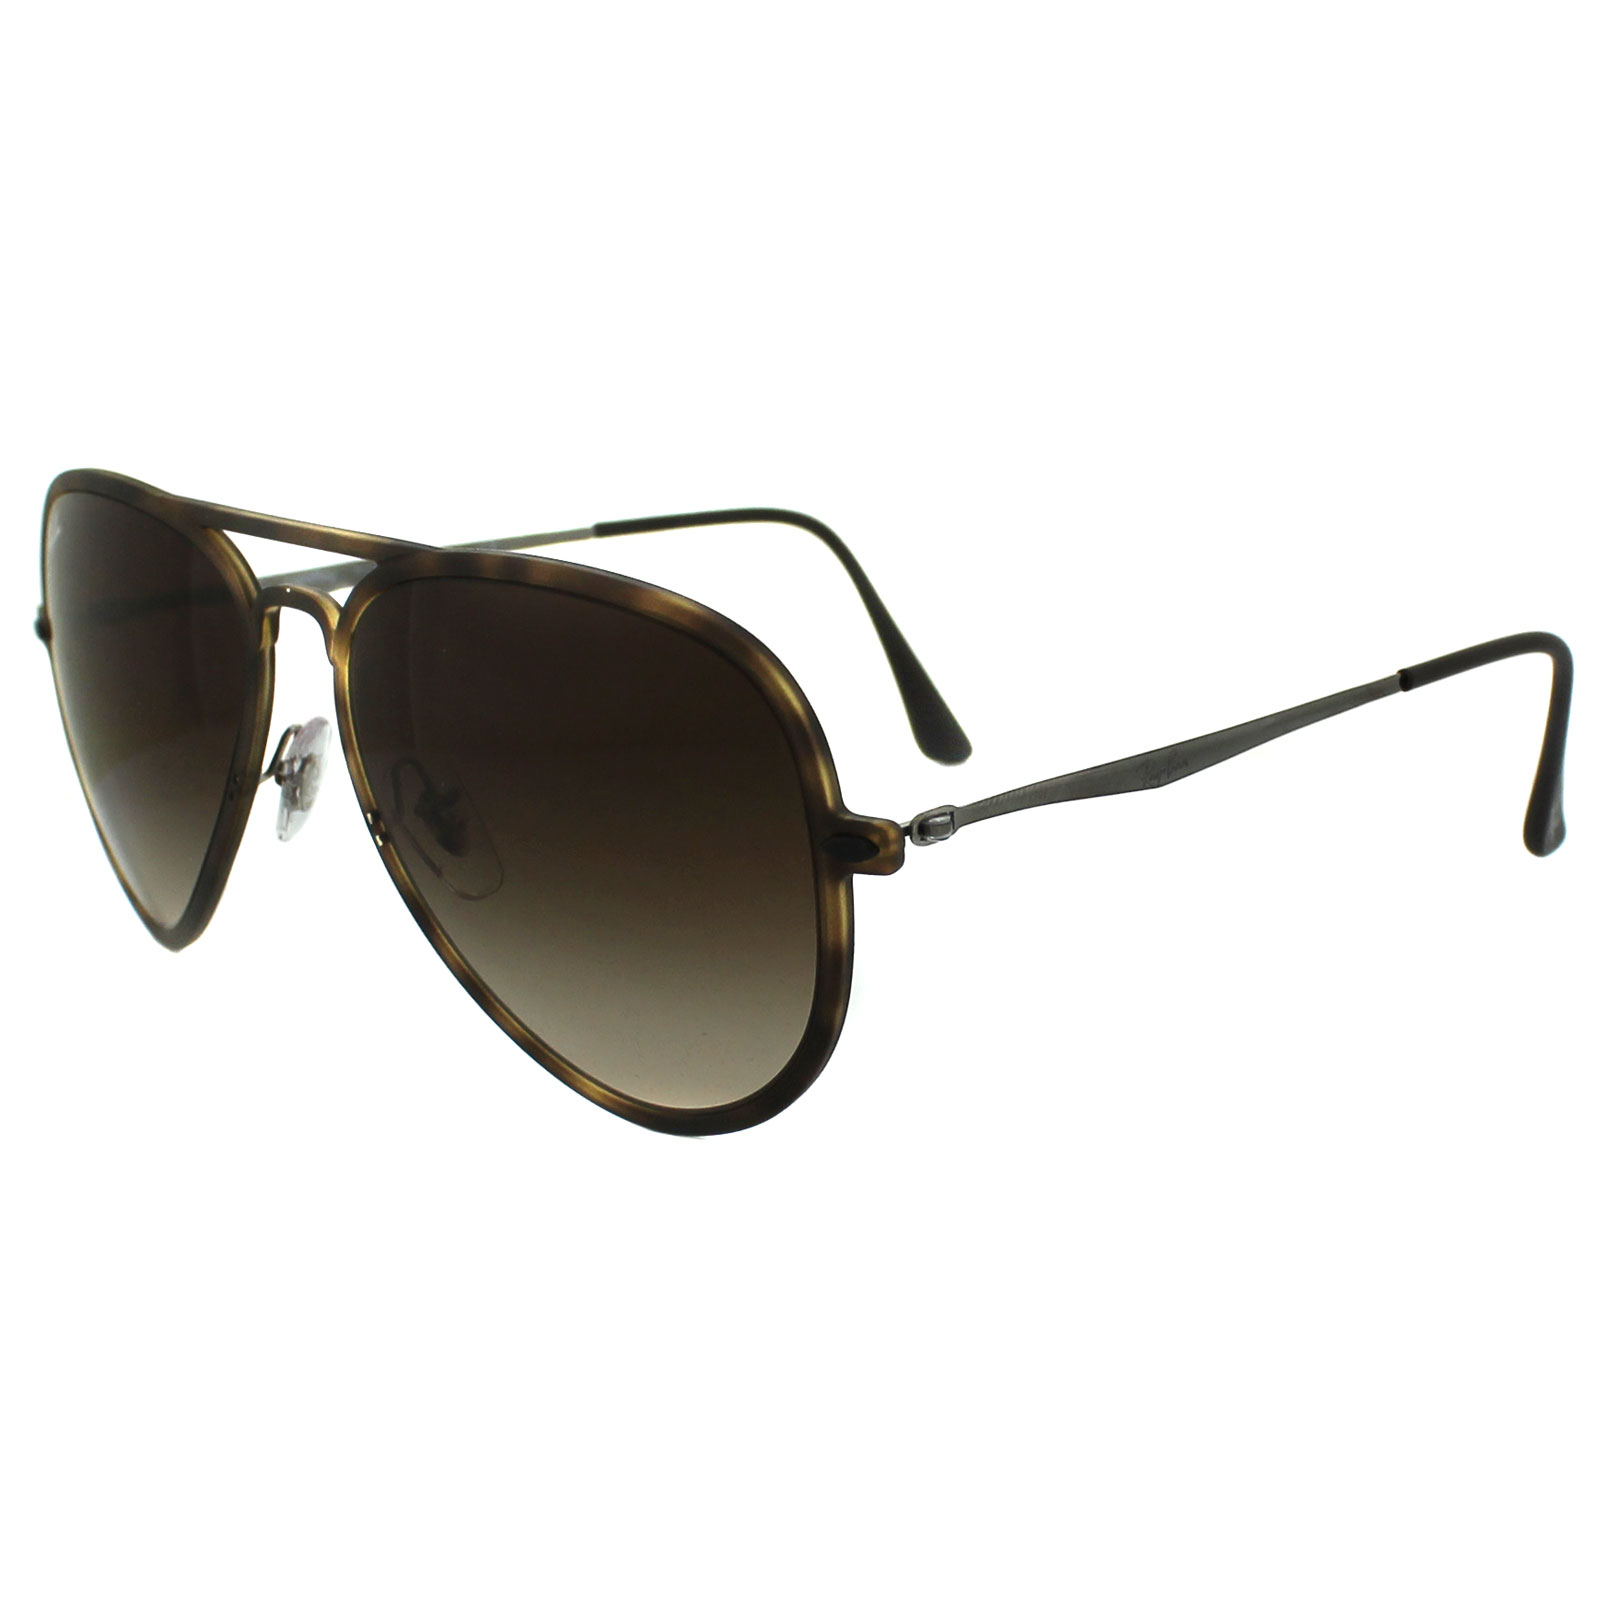 Ray Ban Sunglasses Aviator Light Ray Ii 4211 894 13 Matt